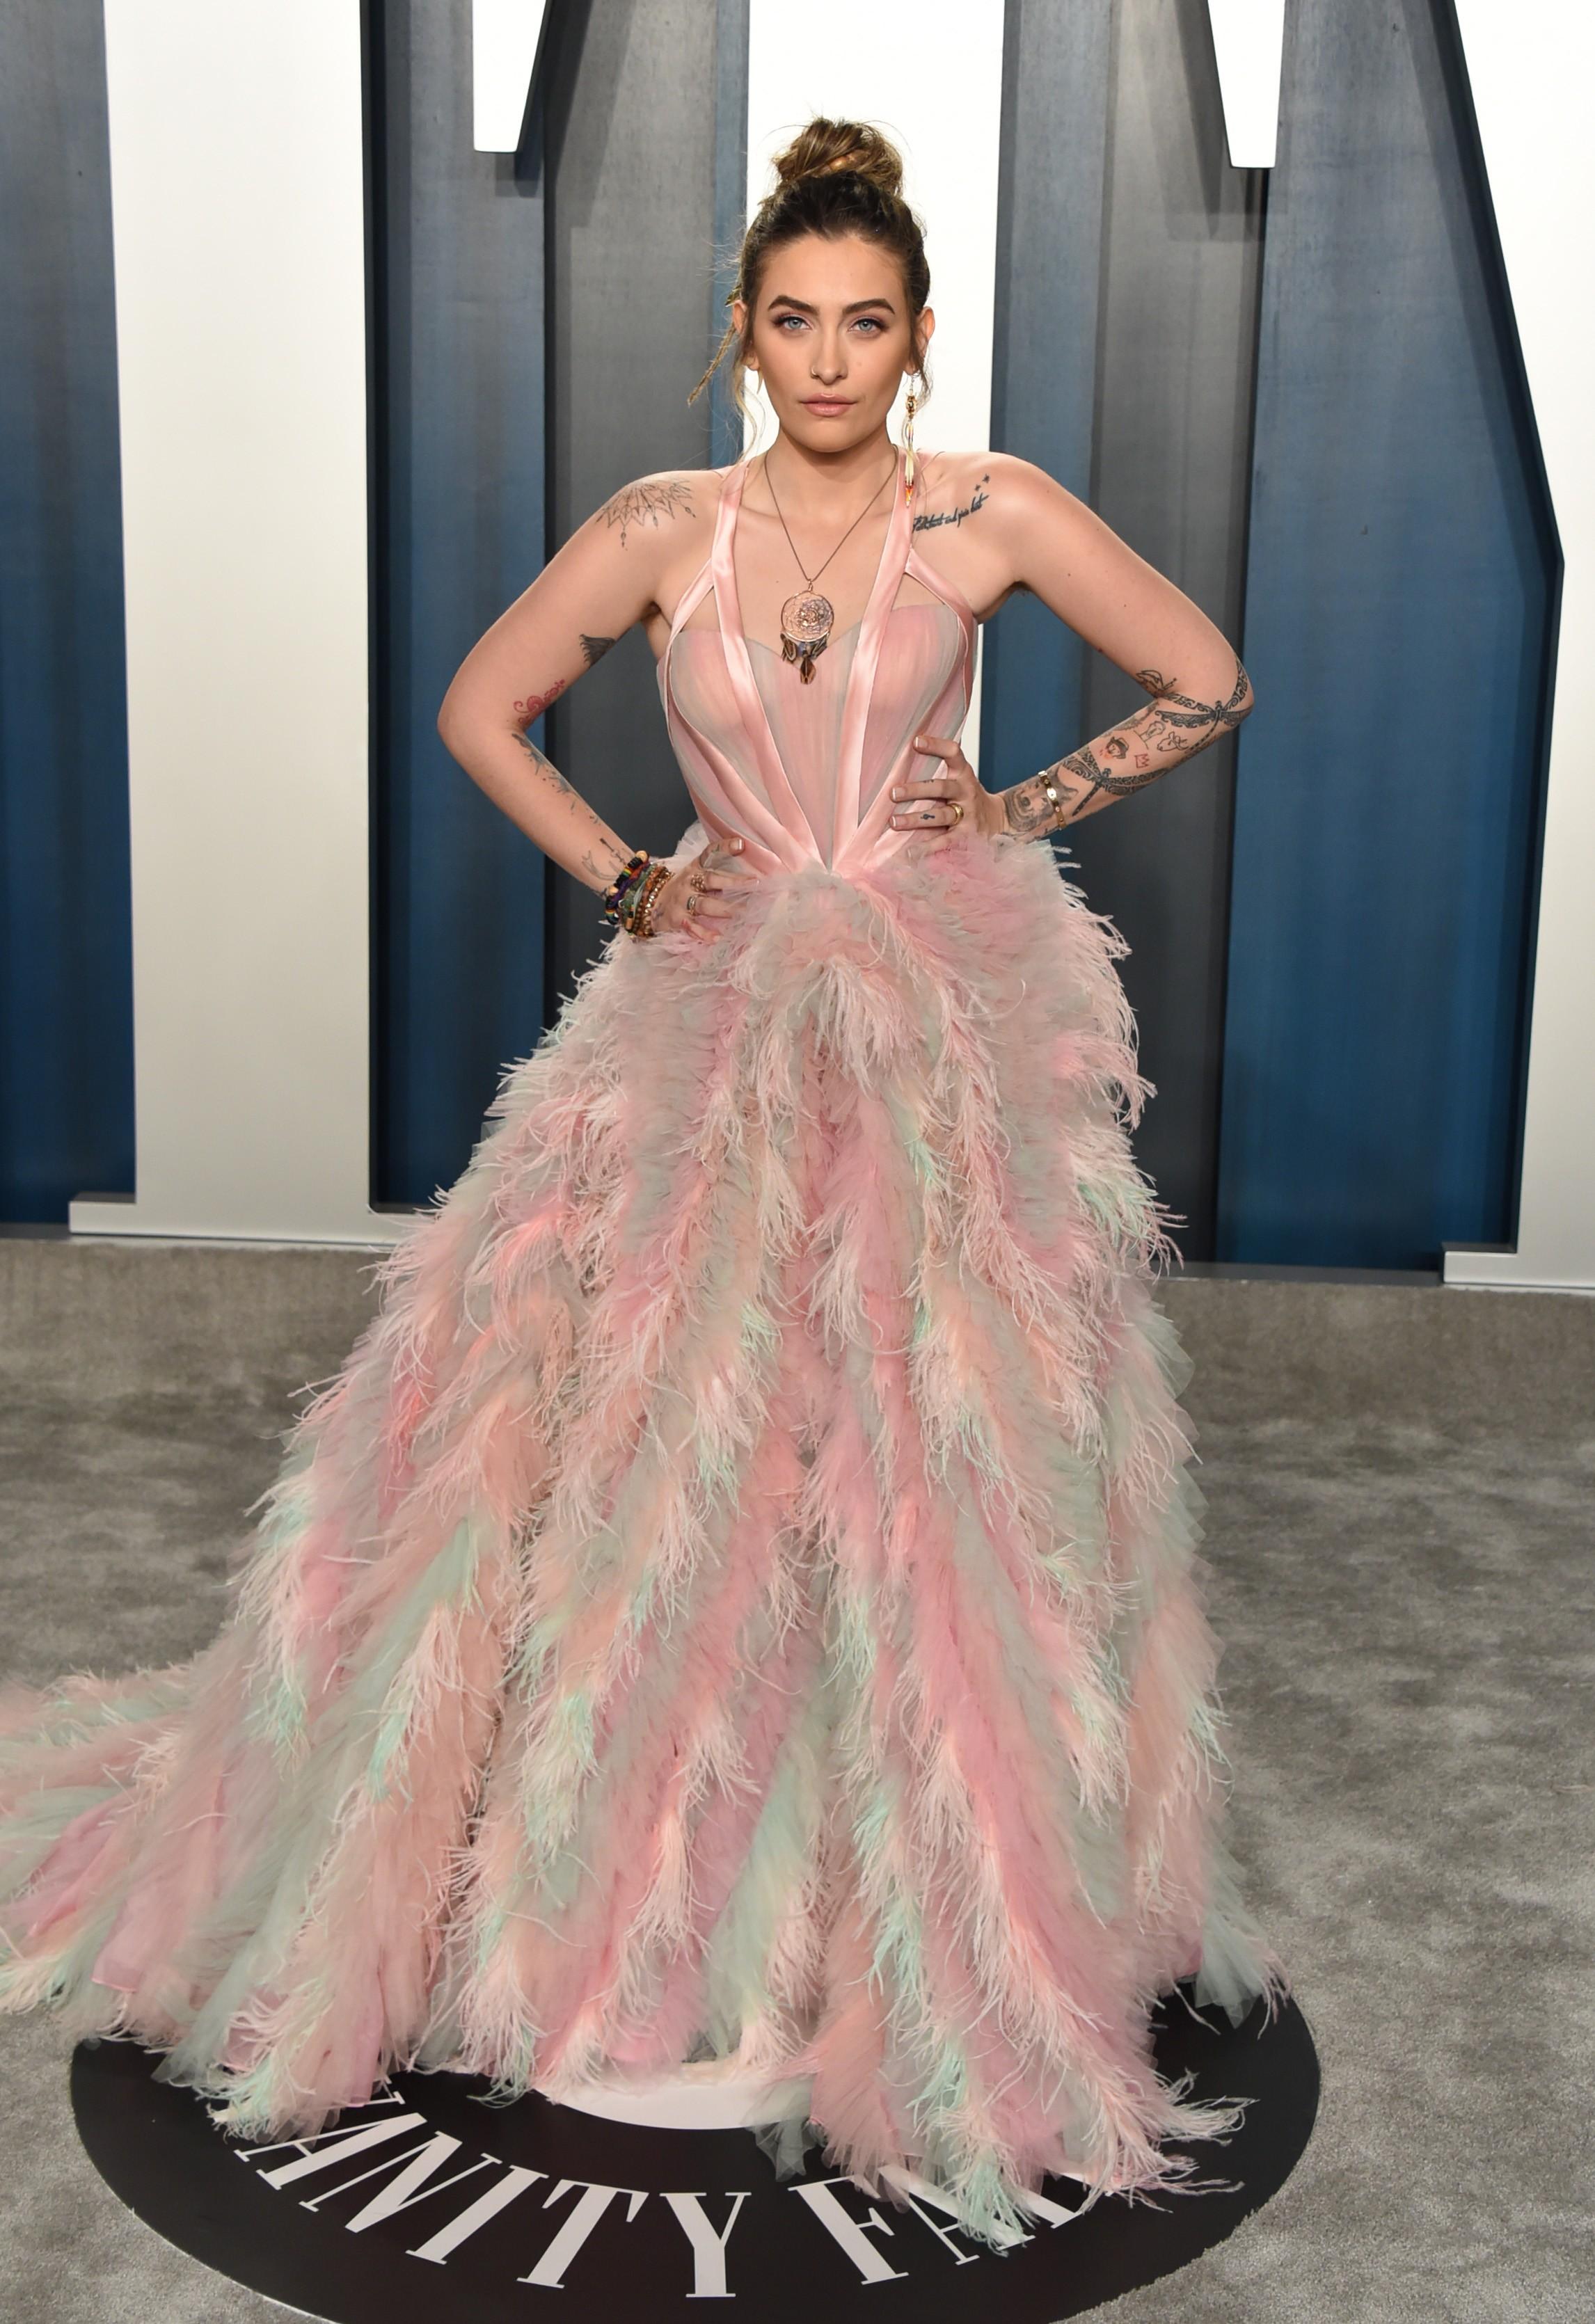 Com vestido exuberante, filha de Michael Jackson supera estrelas em festa do Oscar - 1